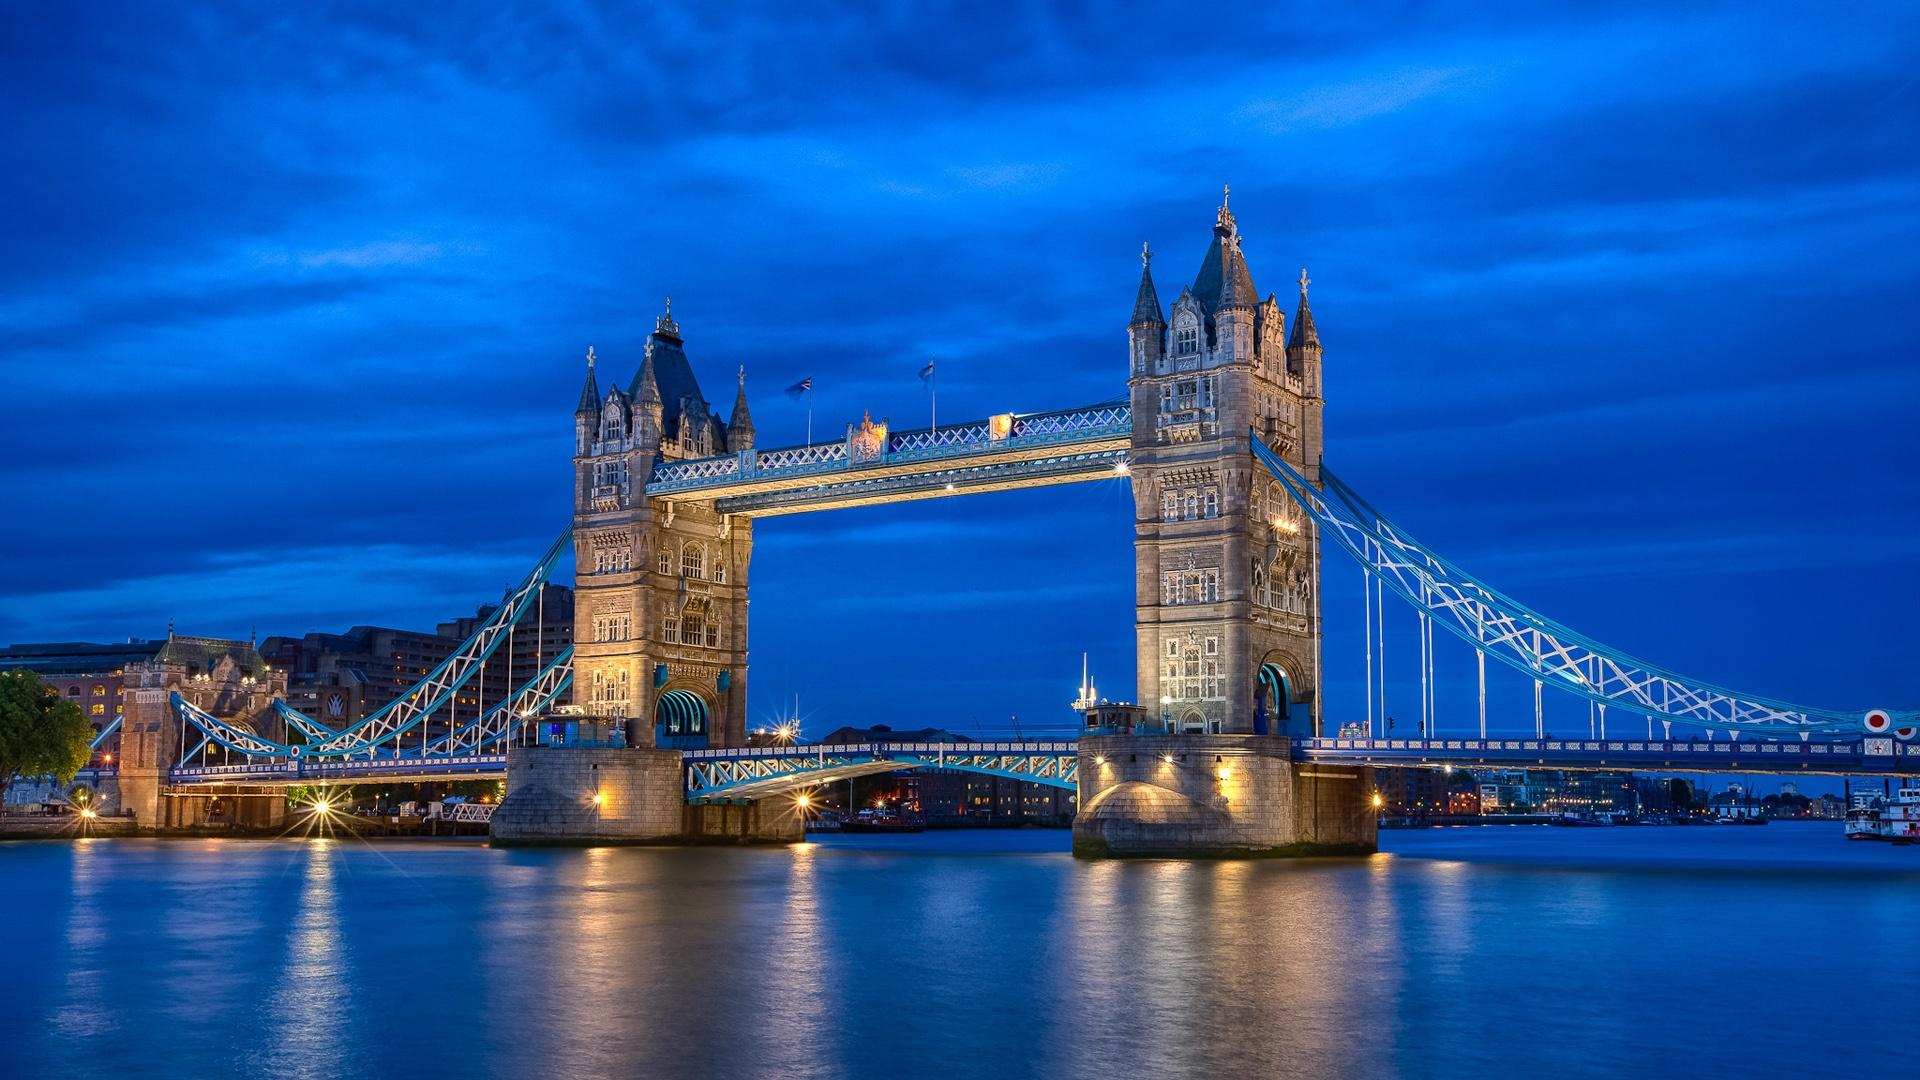 Inglaterra Londres, ciudad noche río Támesis, Tower Bridge ...